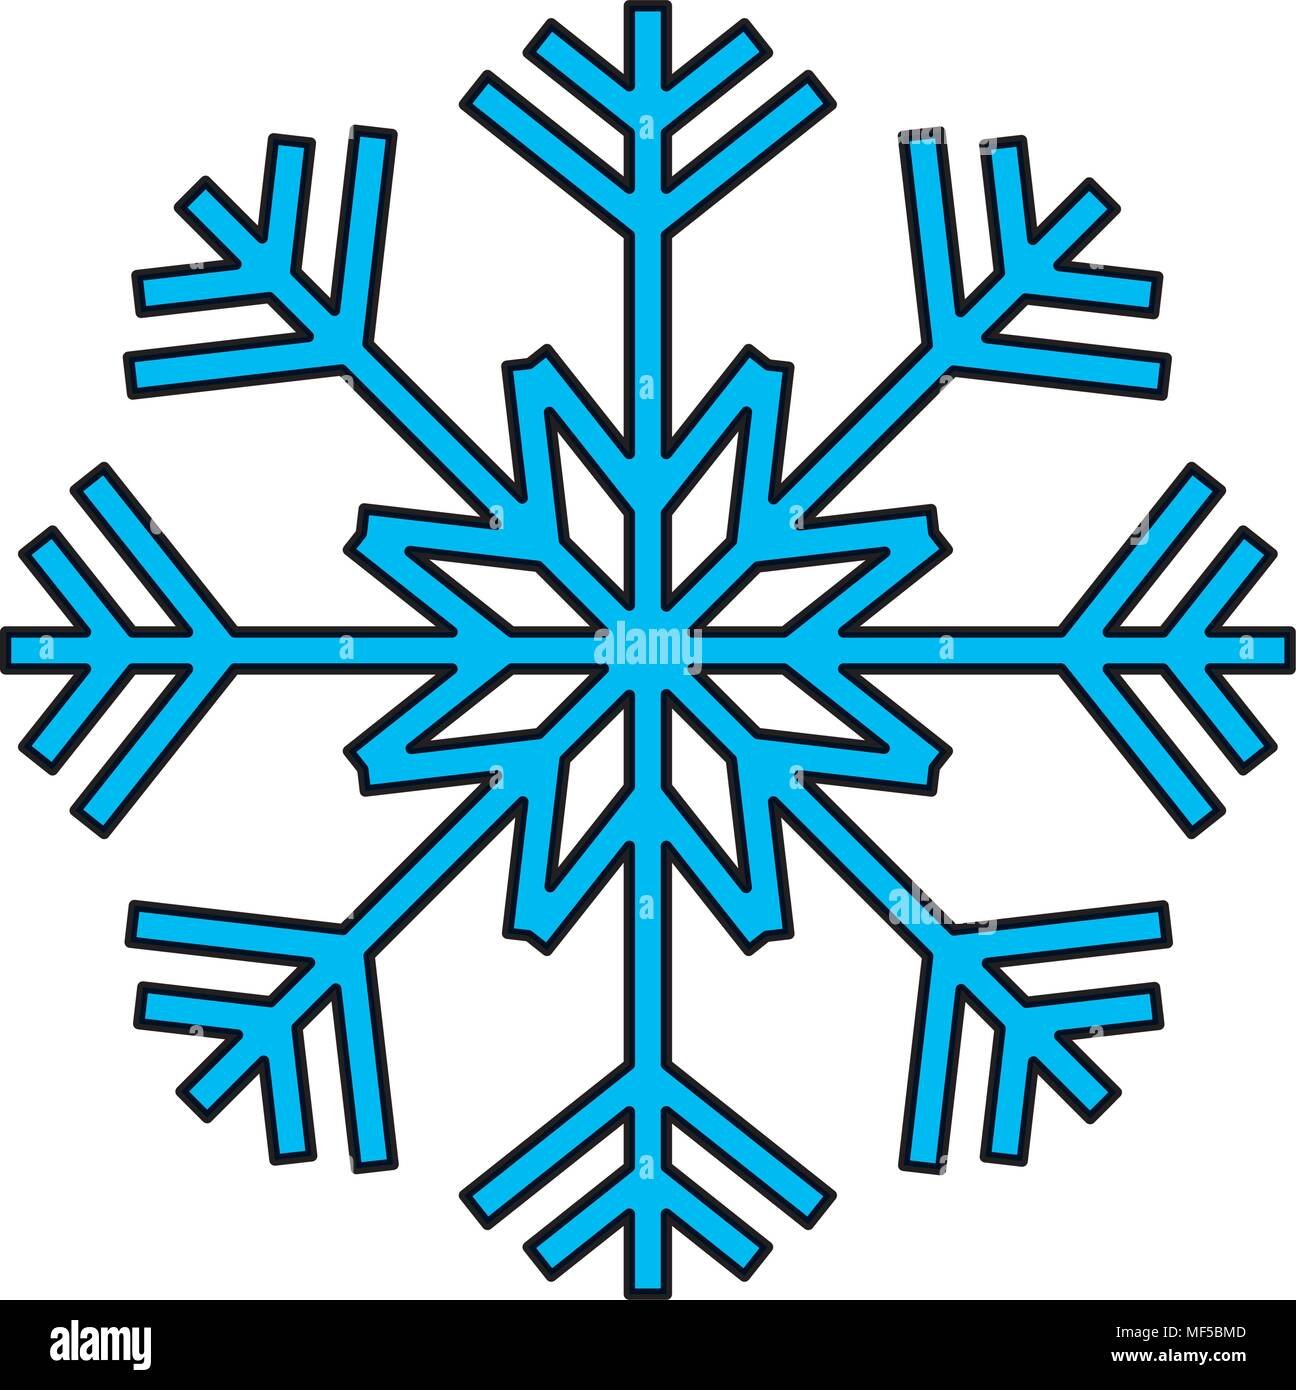 color nature snowflake design in winter season - Stock Image